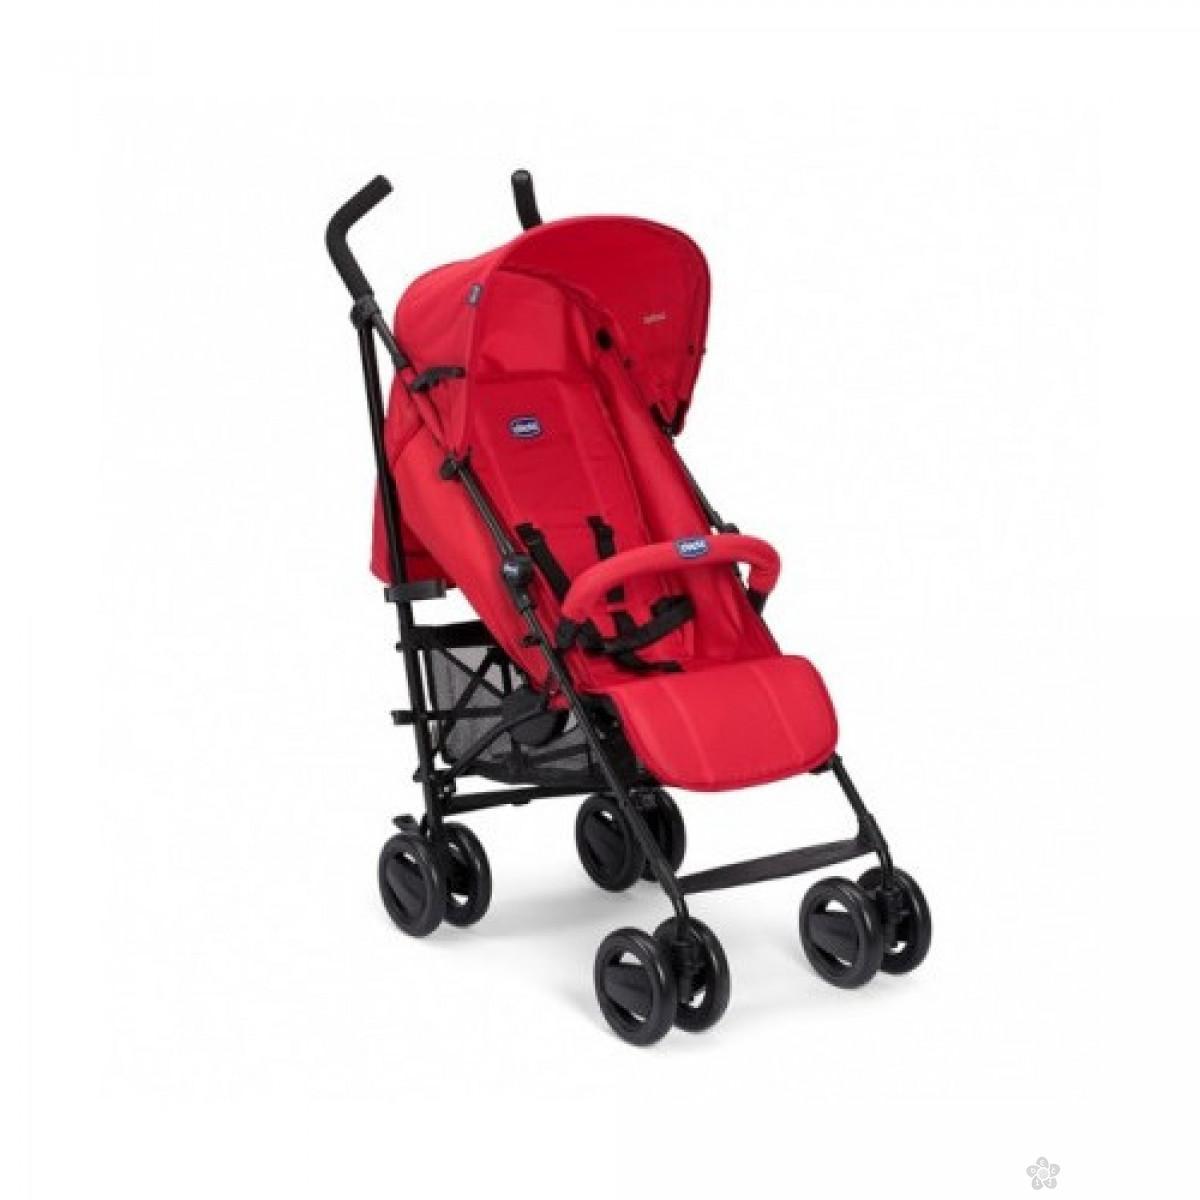 Kišobran kolica Chicco London up sa prečkom Red Passion-crvena, 5020687